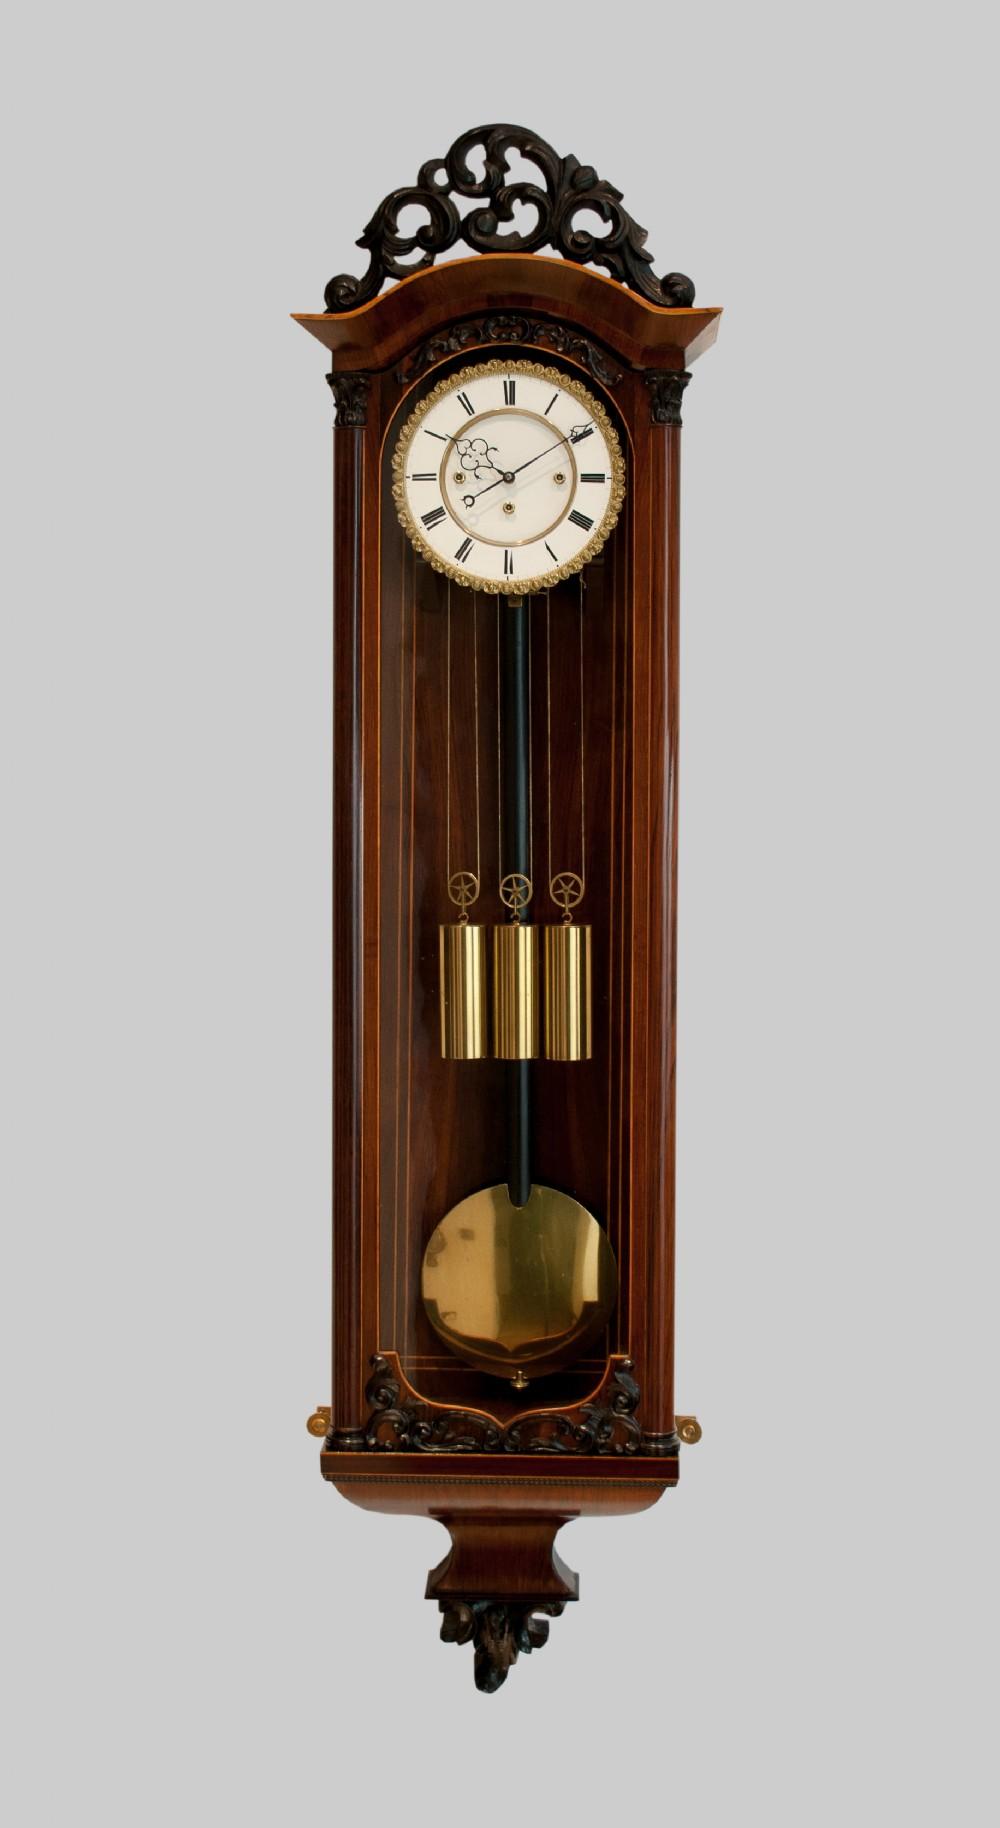 a grande sonnerie vienna regulator wall clock circa 1850